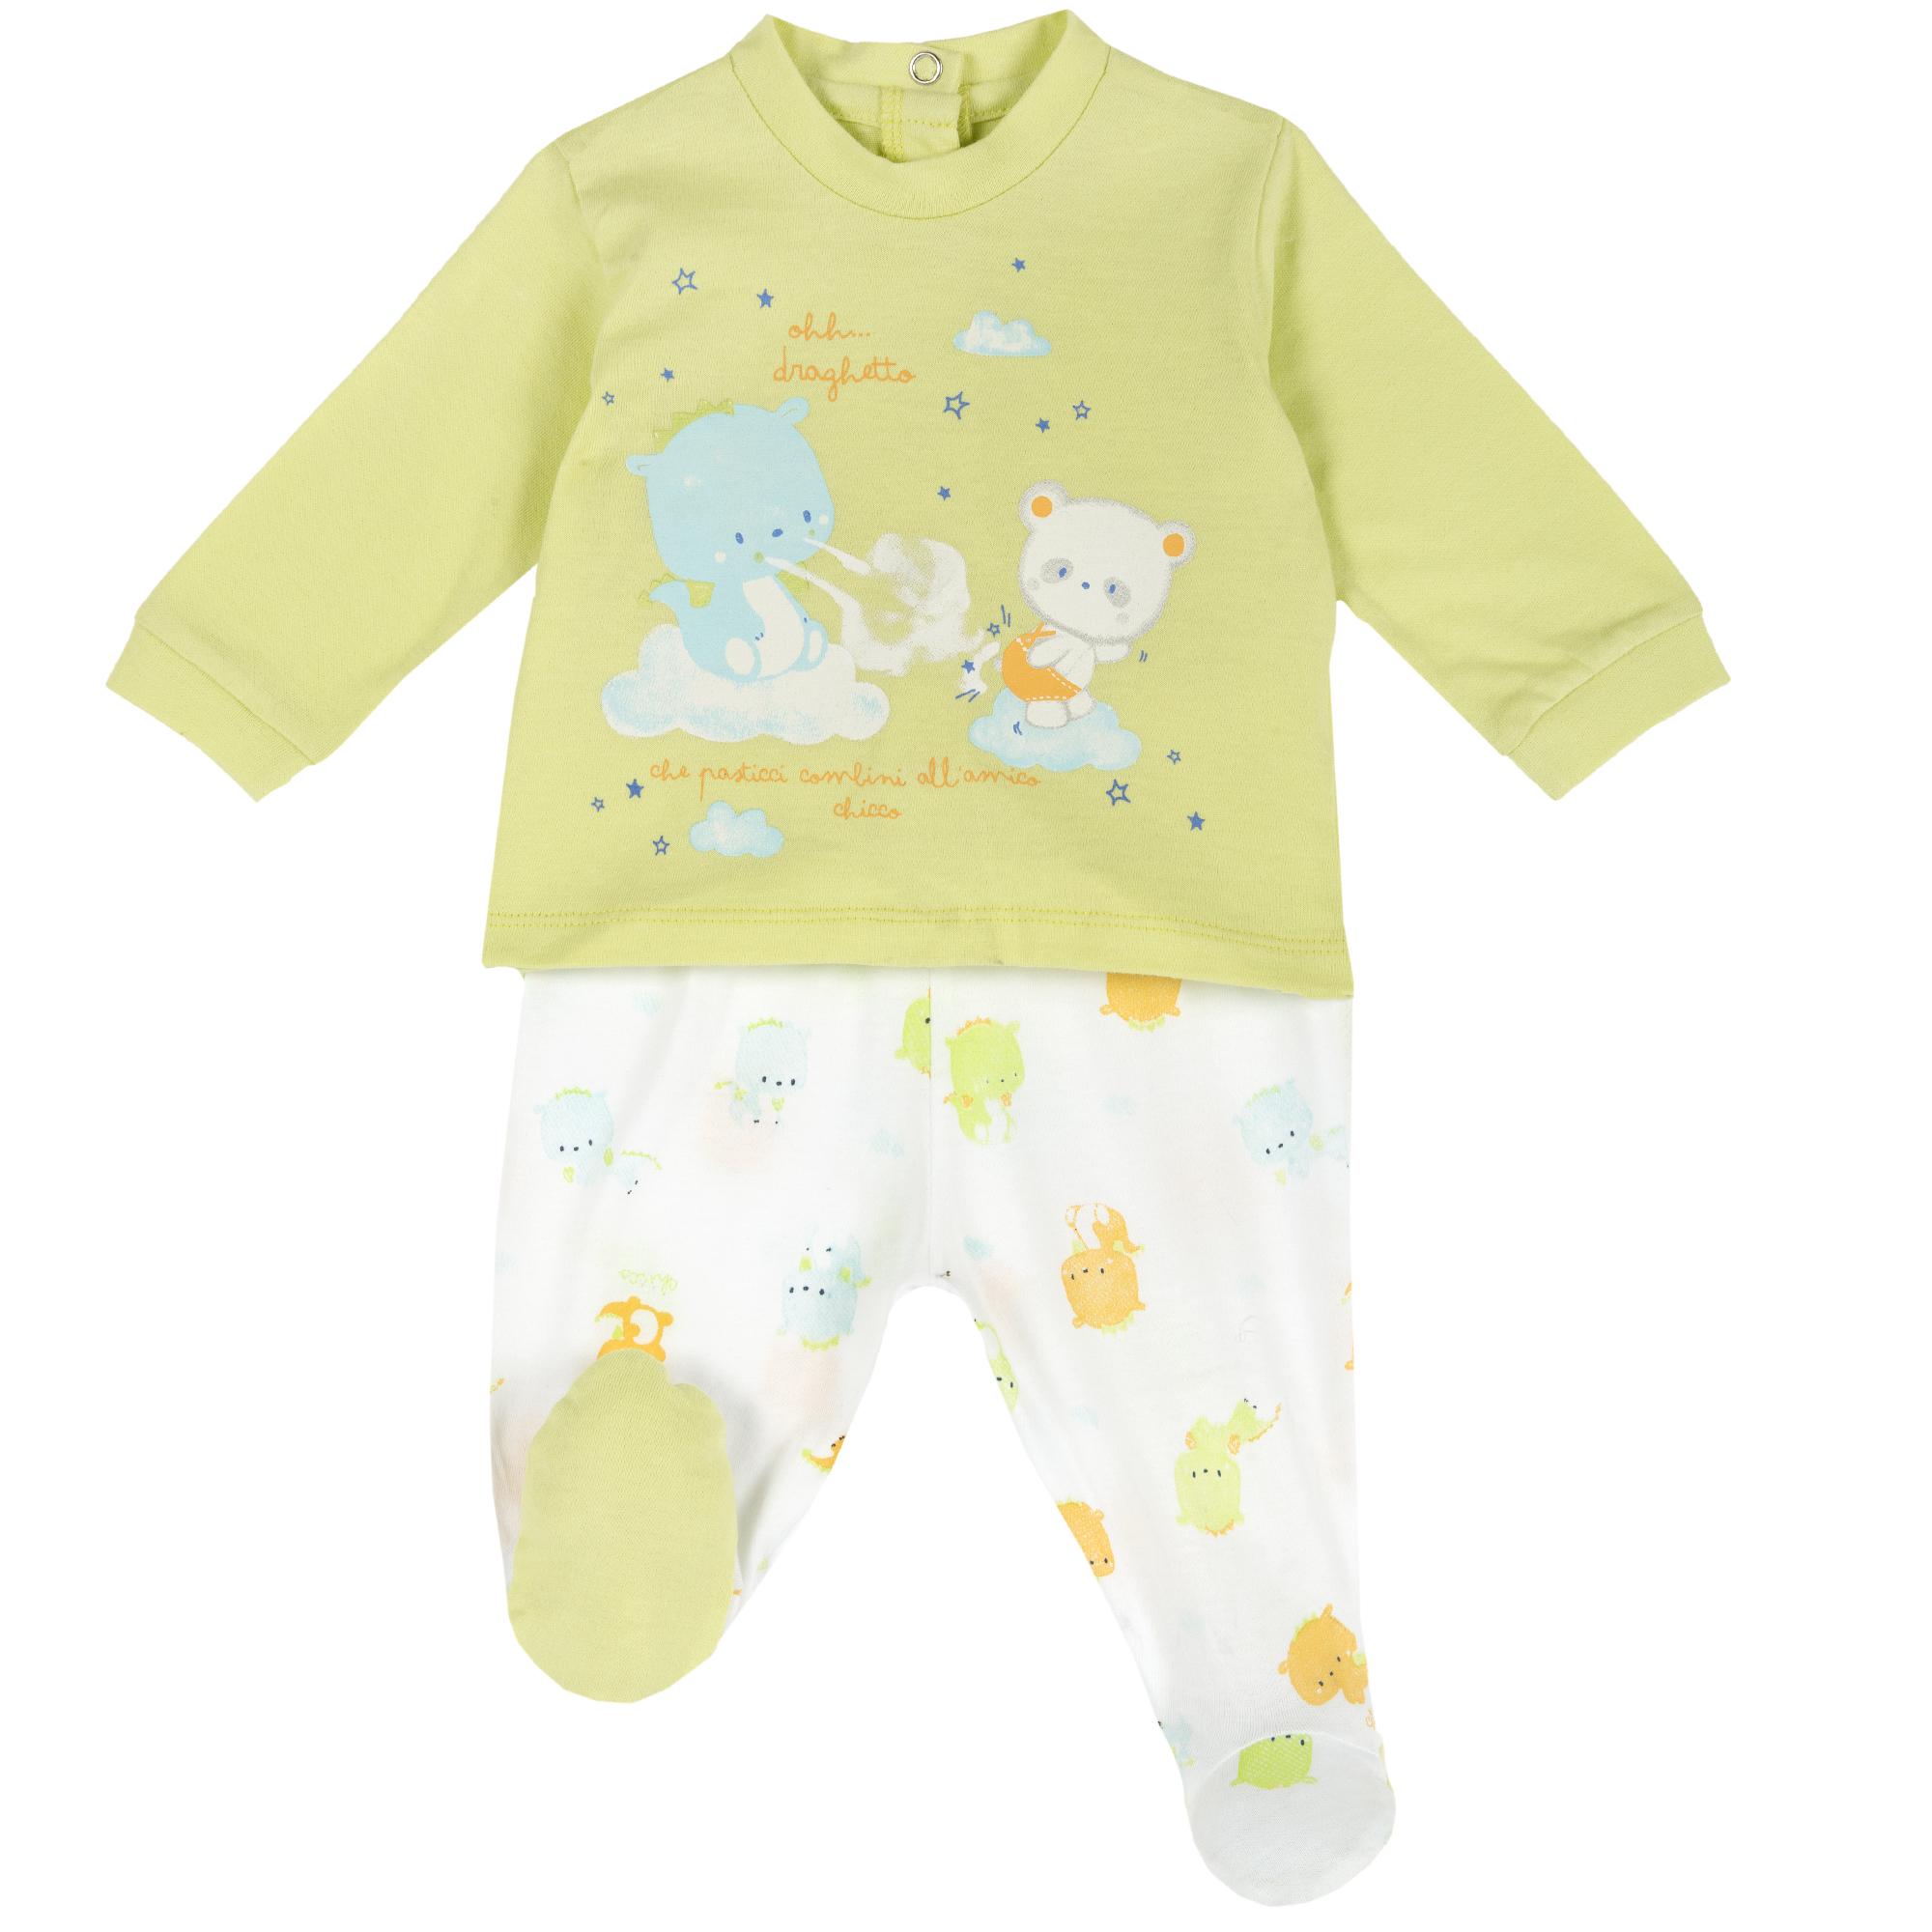 Costum Bebe Chicco, Bluza Si Pantalon, Verde, 76497 imagine